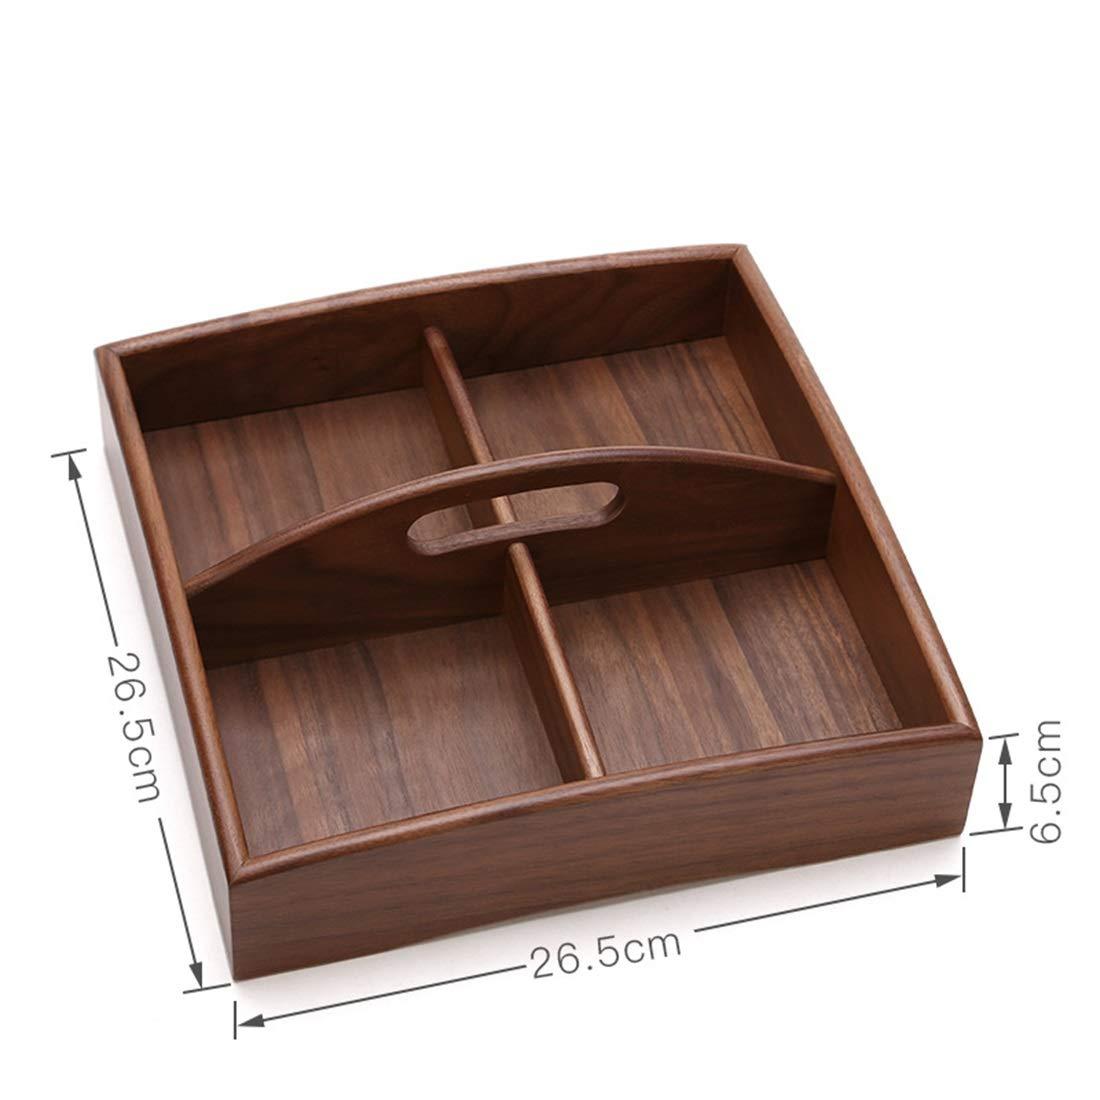 FELICIAAA スナックディッシュは、オフィスのデスクトップで使用することができますレジャーメロンフルーツボックス (Color : Wooden 3) B07PHFFK4Z Wooden 3